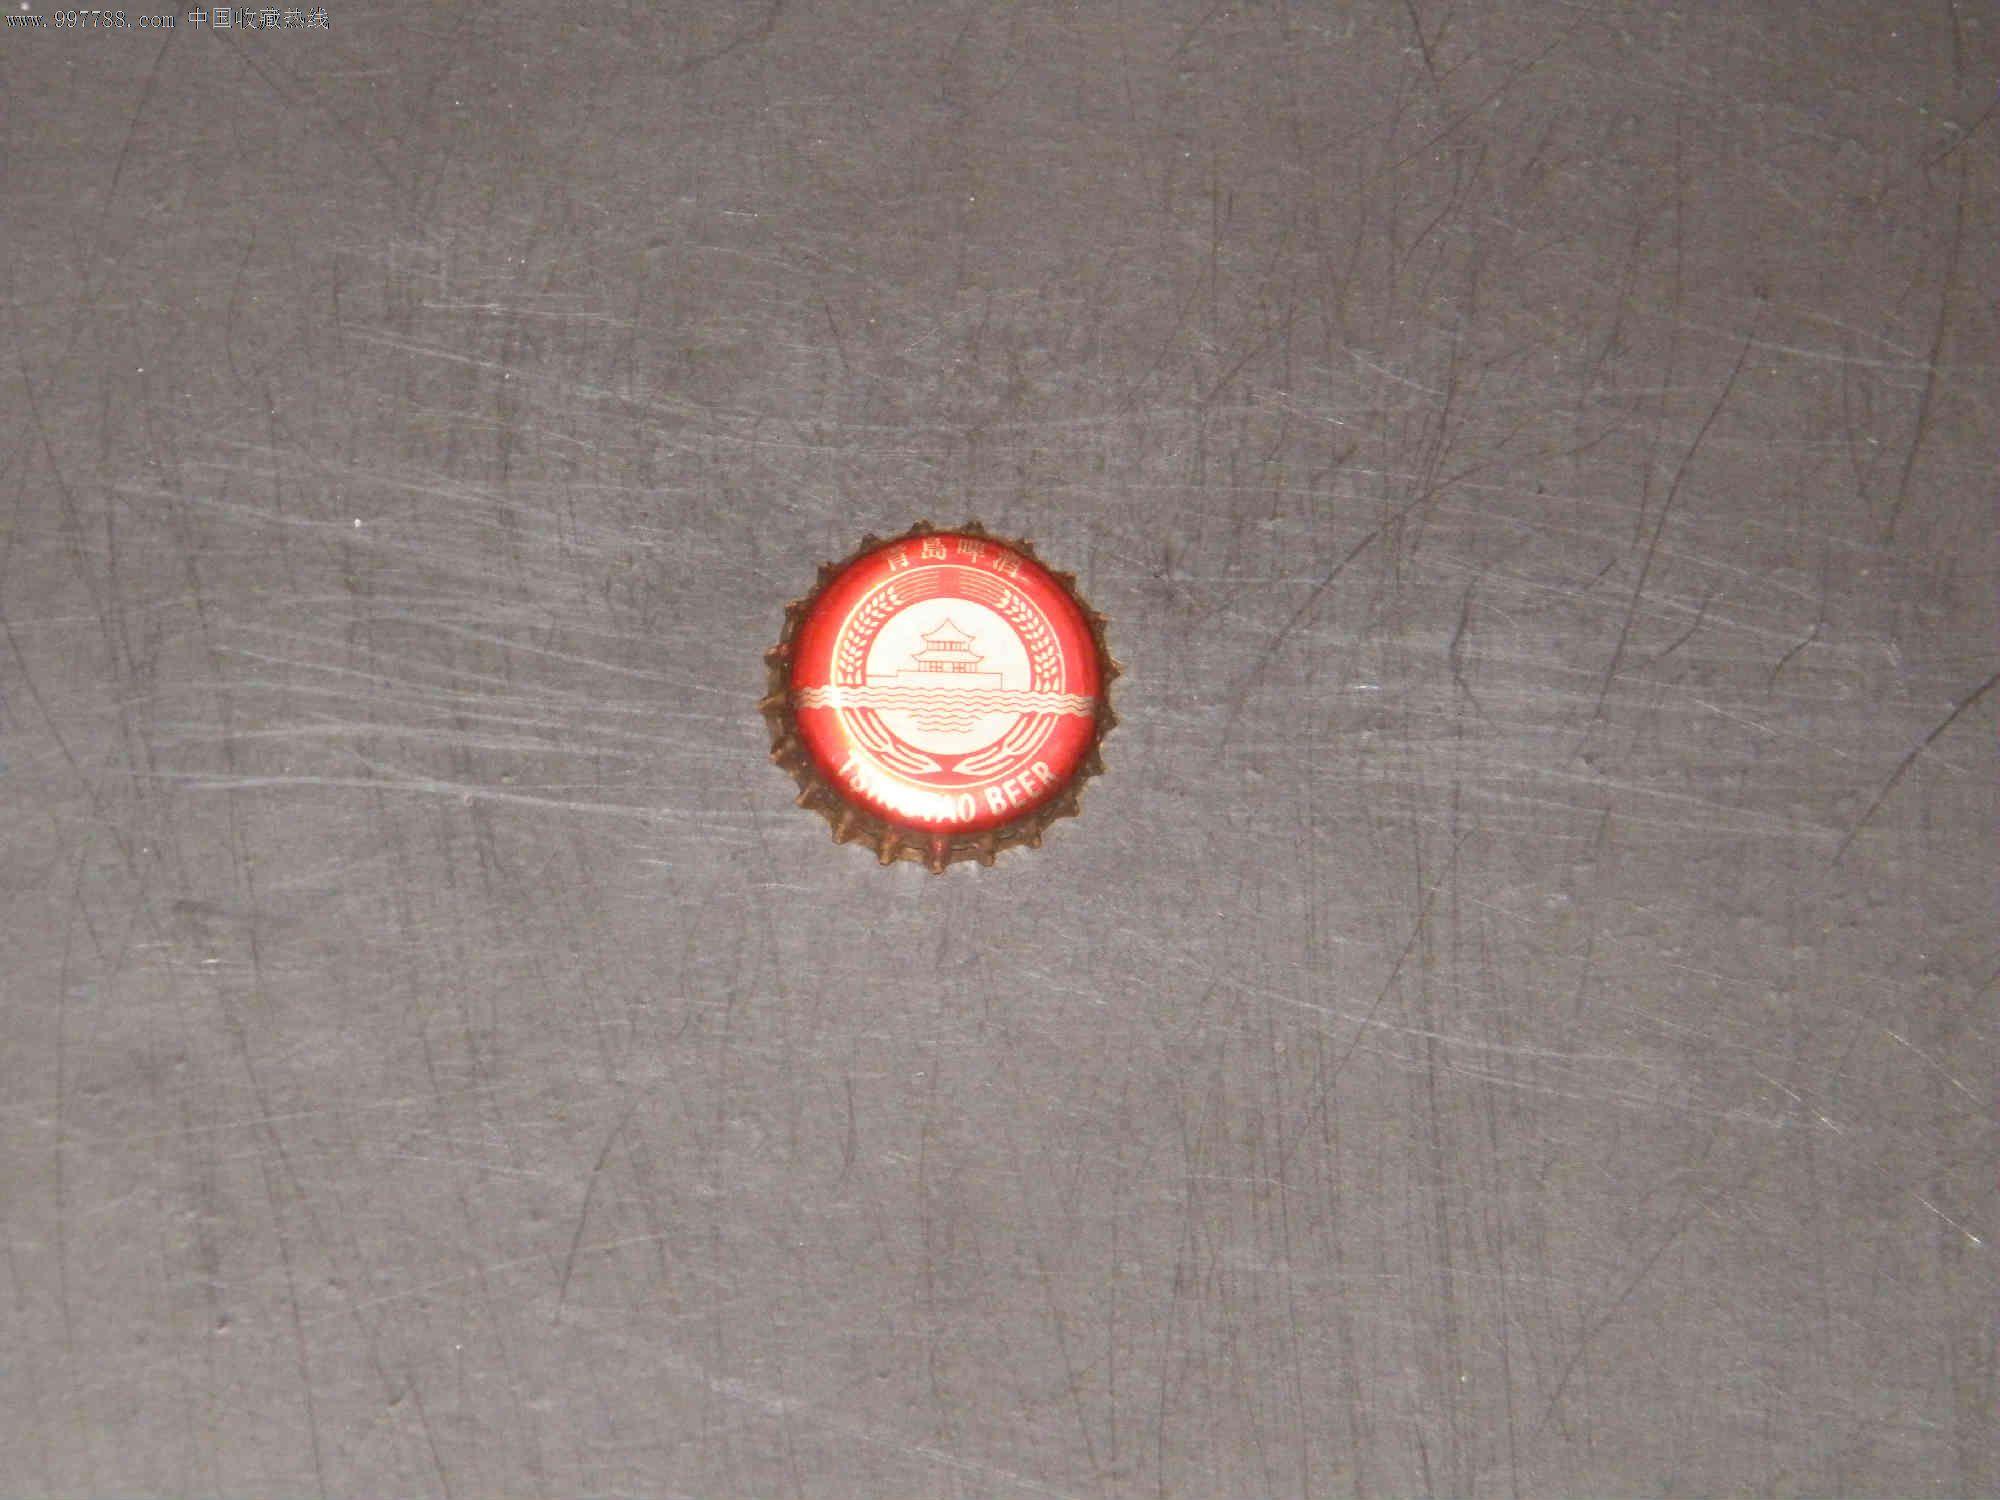 青岛啤酒瓶瓶盖(青啤出口美国)_价格4.